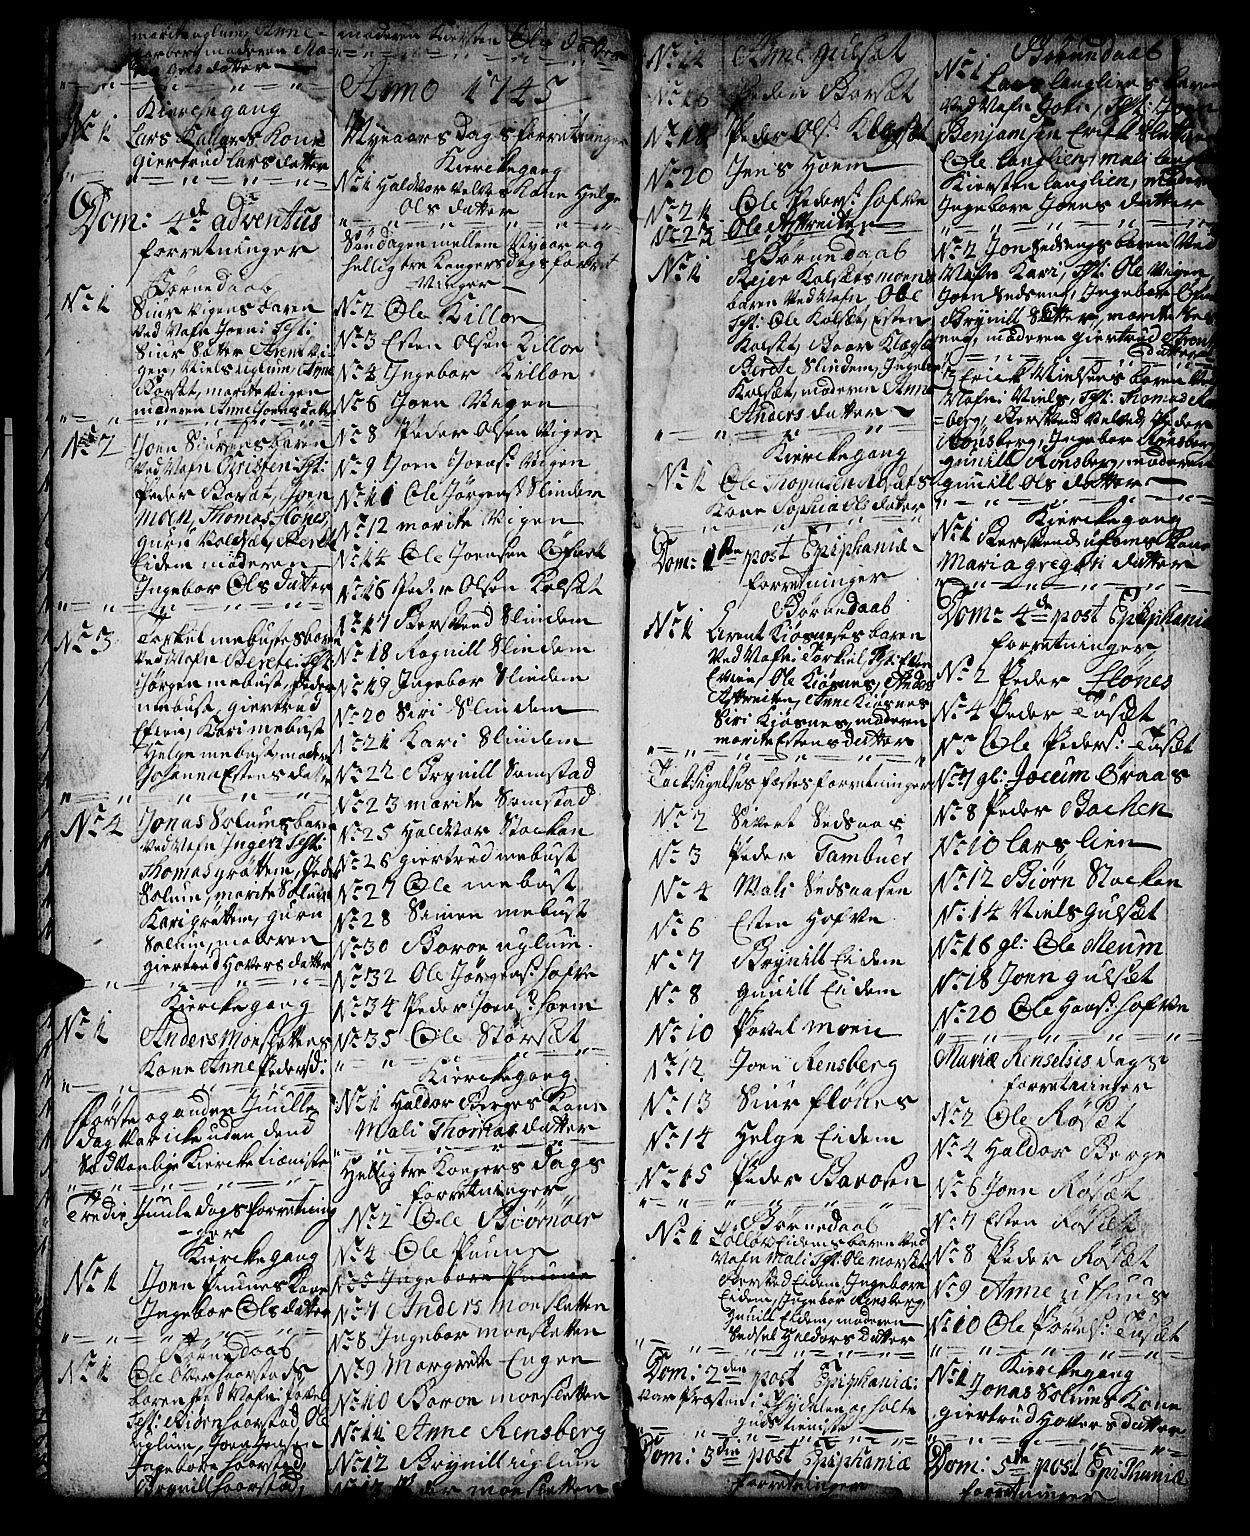 SAT, Ministerialprotokoller, klokkerbøker og fødselsregistre - Sør-Trøndelag, 695/L1150: Klokkerbok nr. 695C01, 1740-1746